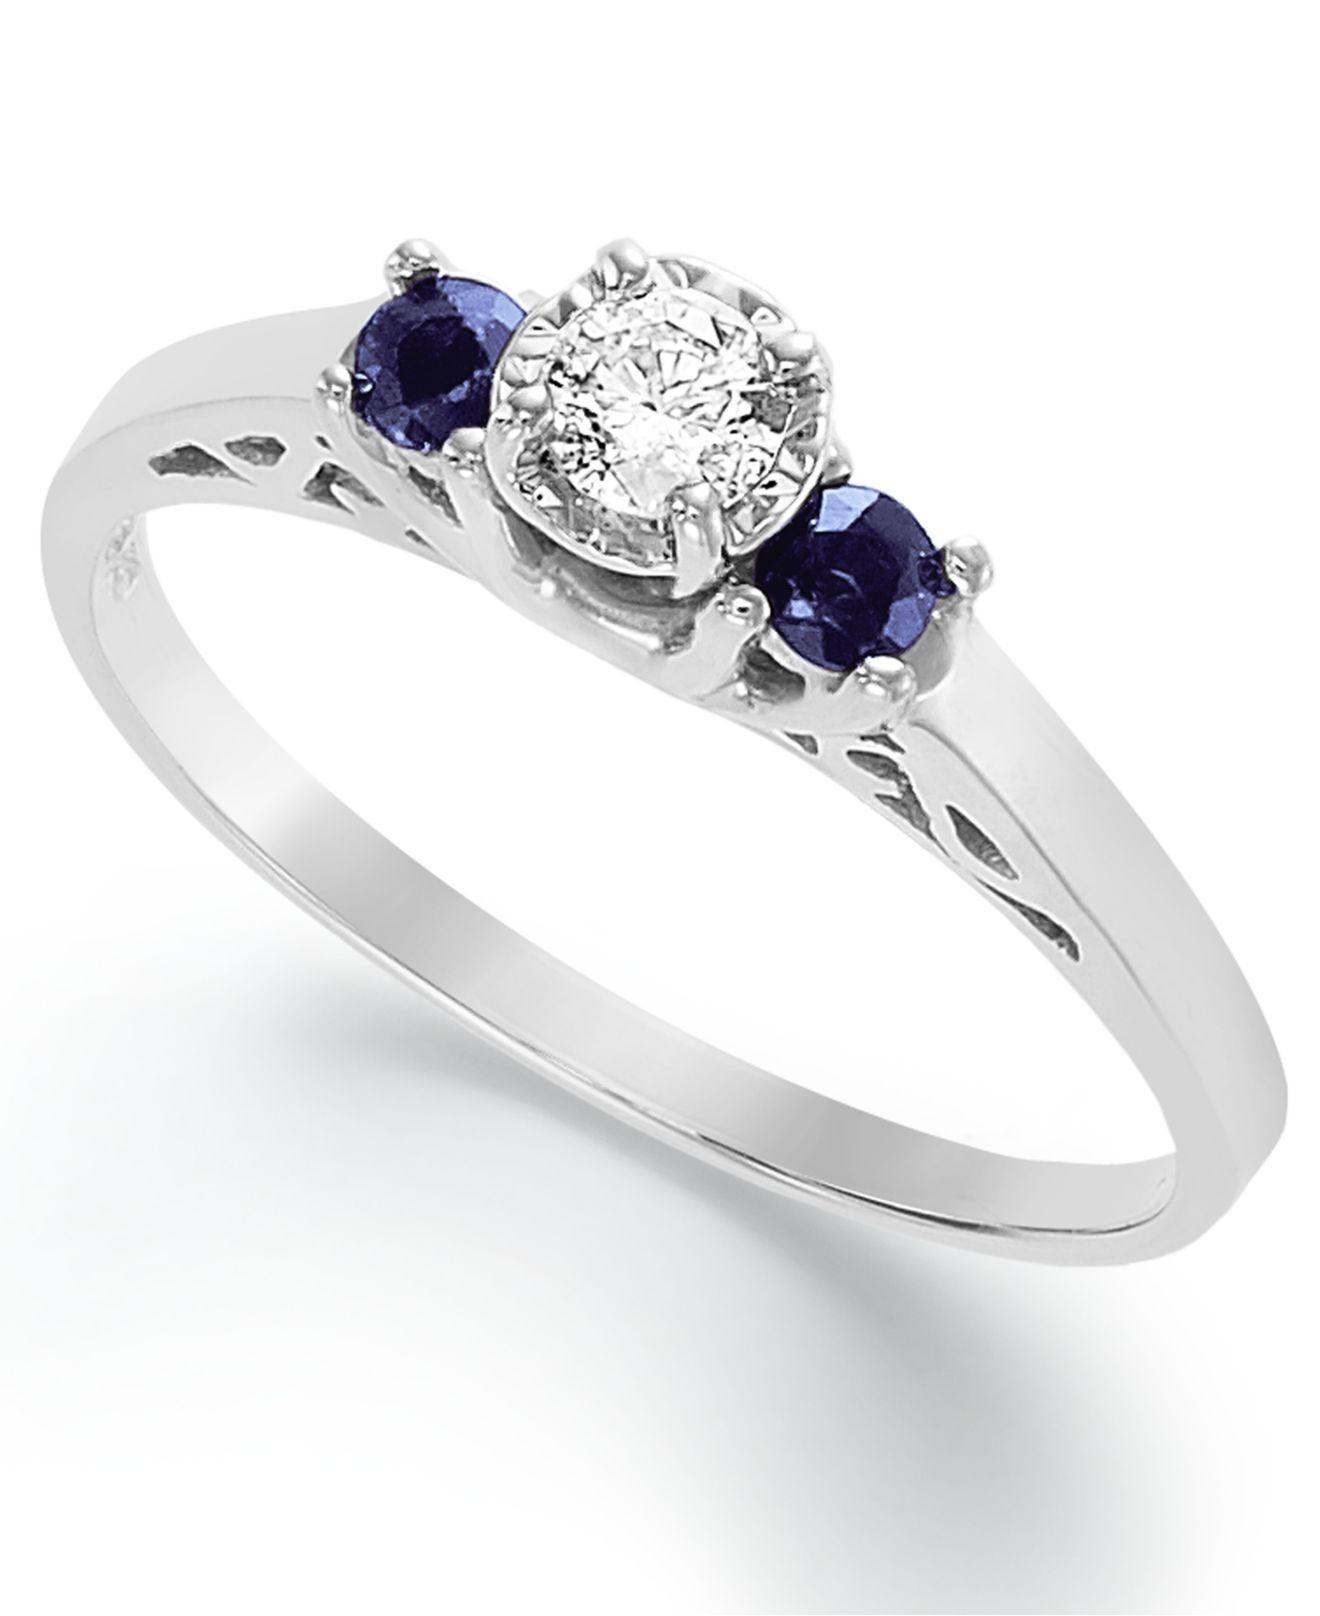 Macy s Us Certified Diamond 1 3 Ct T W And Sapphire 1 6 Ct T W En